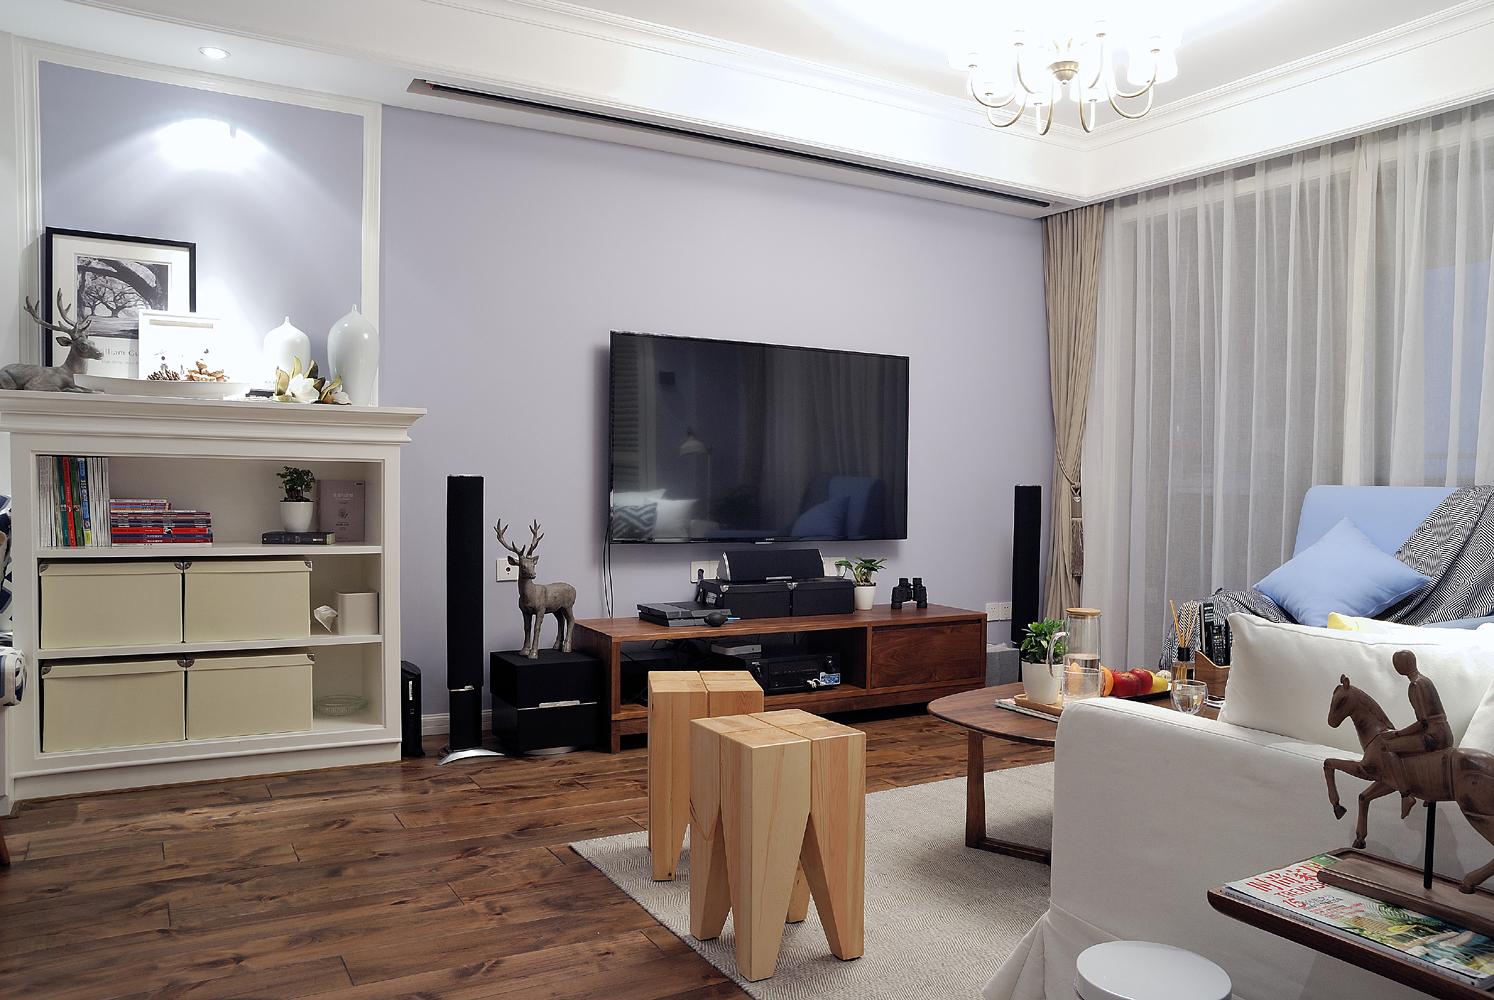 简约美式电视背景墙装修设计图